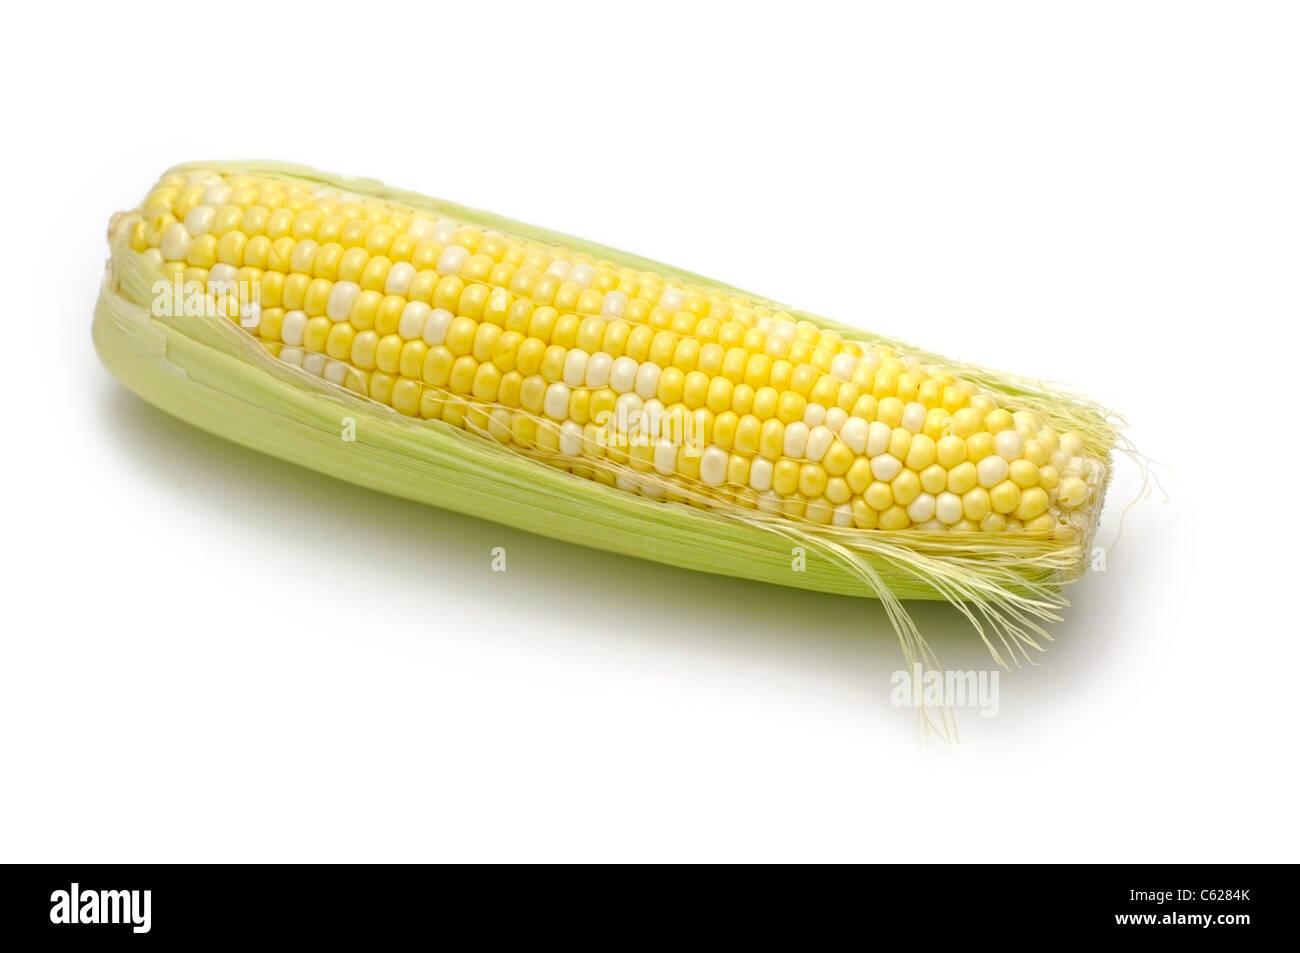 Le maïs, le maïs en épi Photo Stock